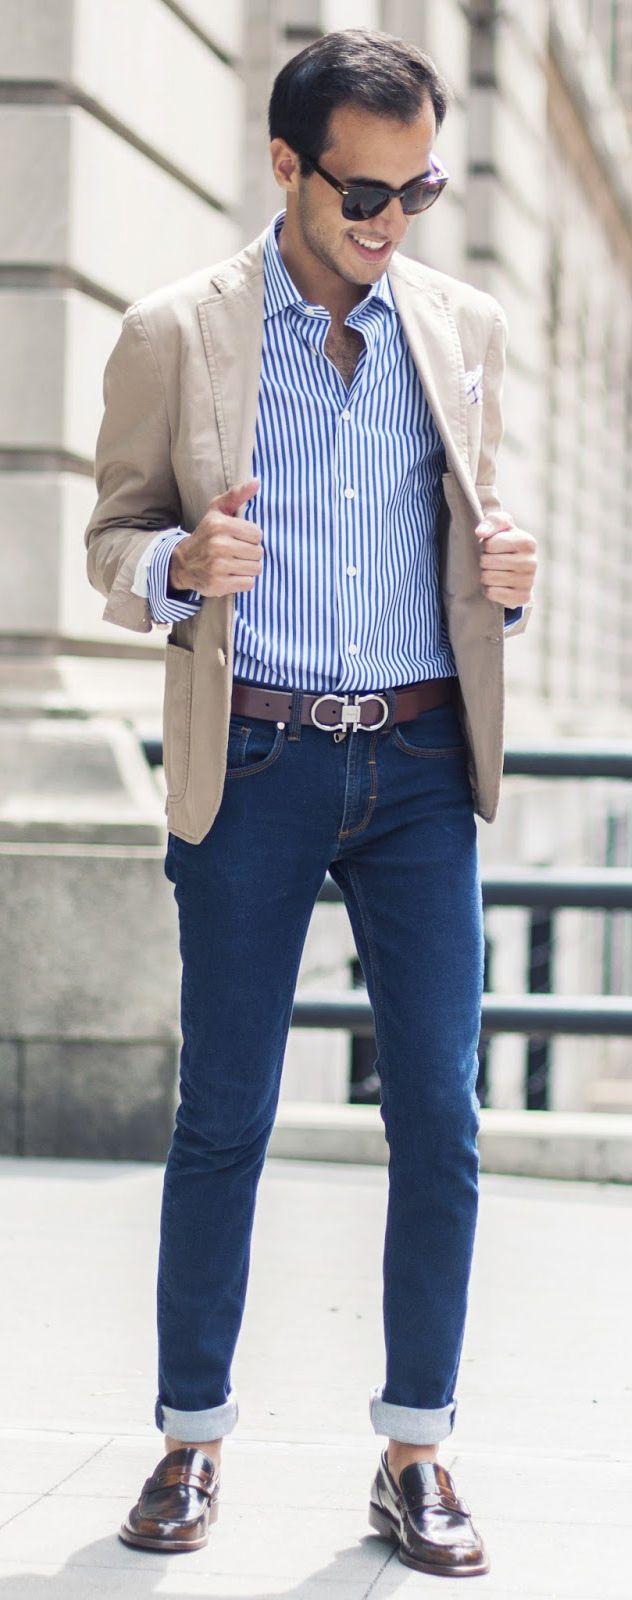 Chemise rayée + Veste en lin beige + Jean Brut = Look Parfait #nouvelleco #chic #look #mode #homme